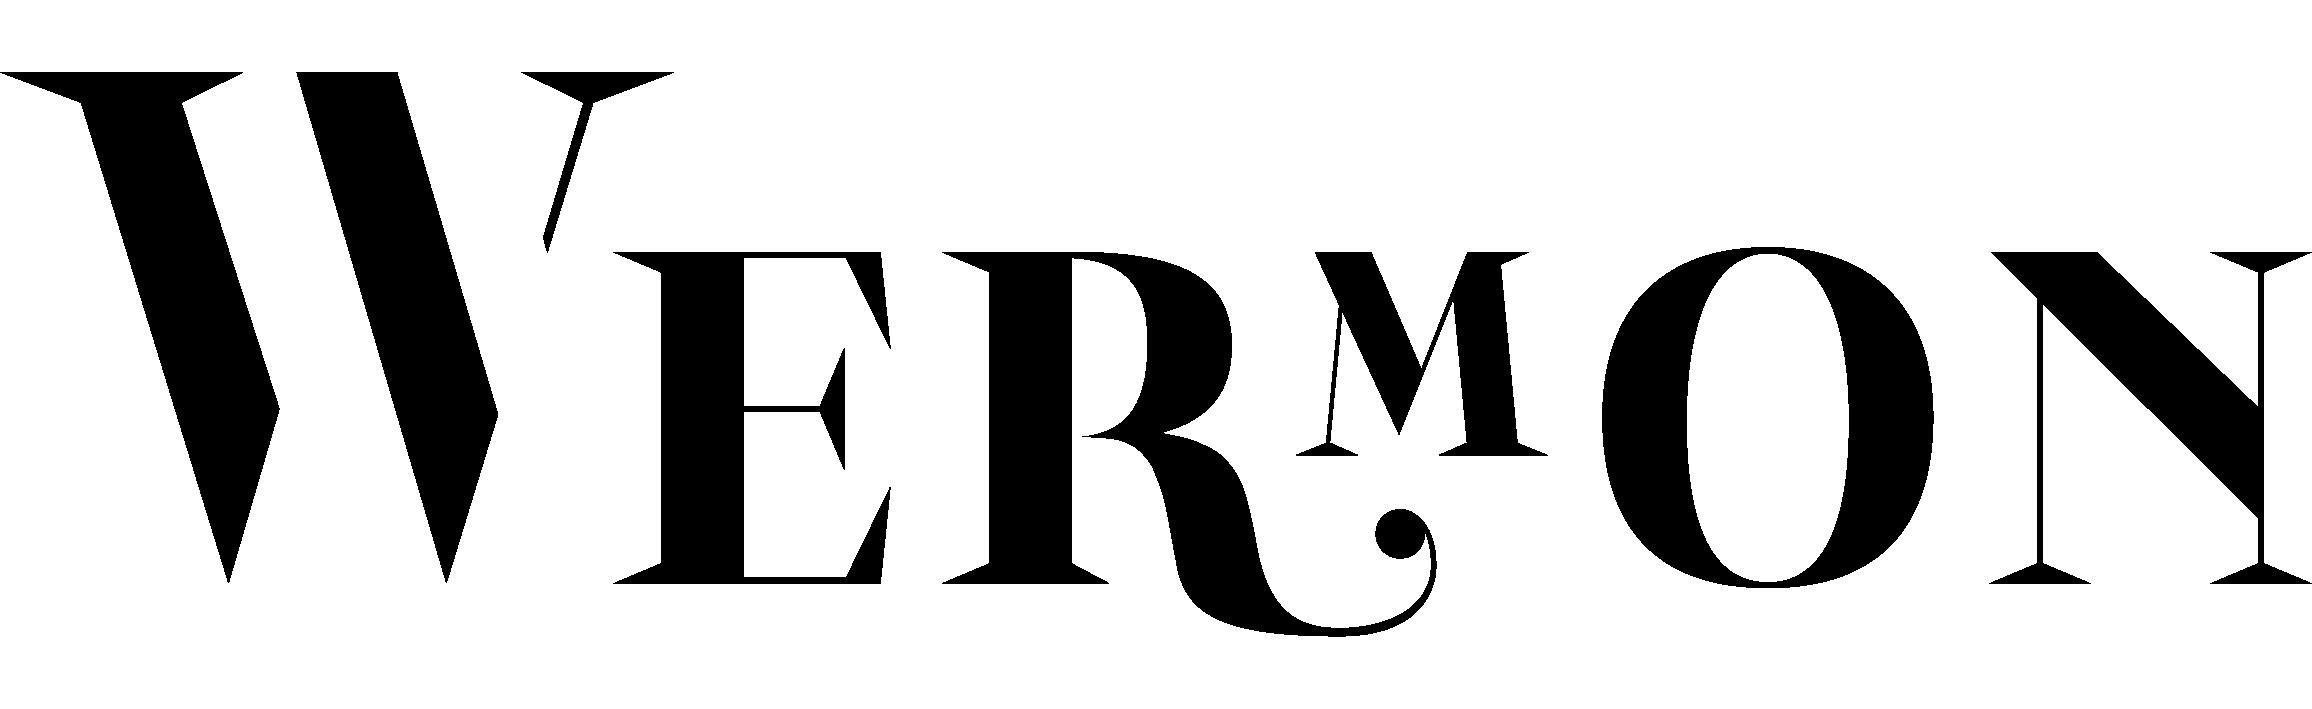 Wermon